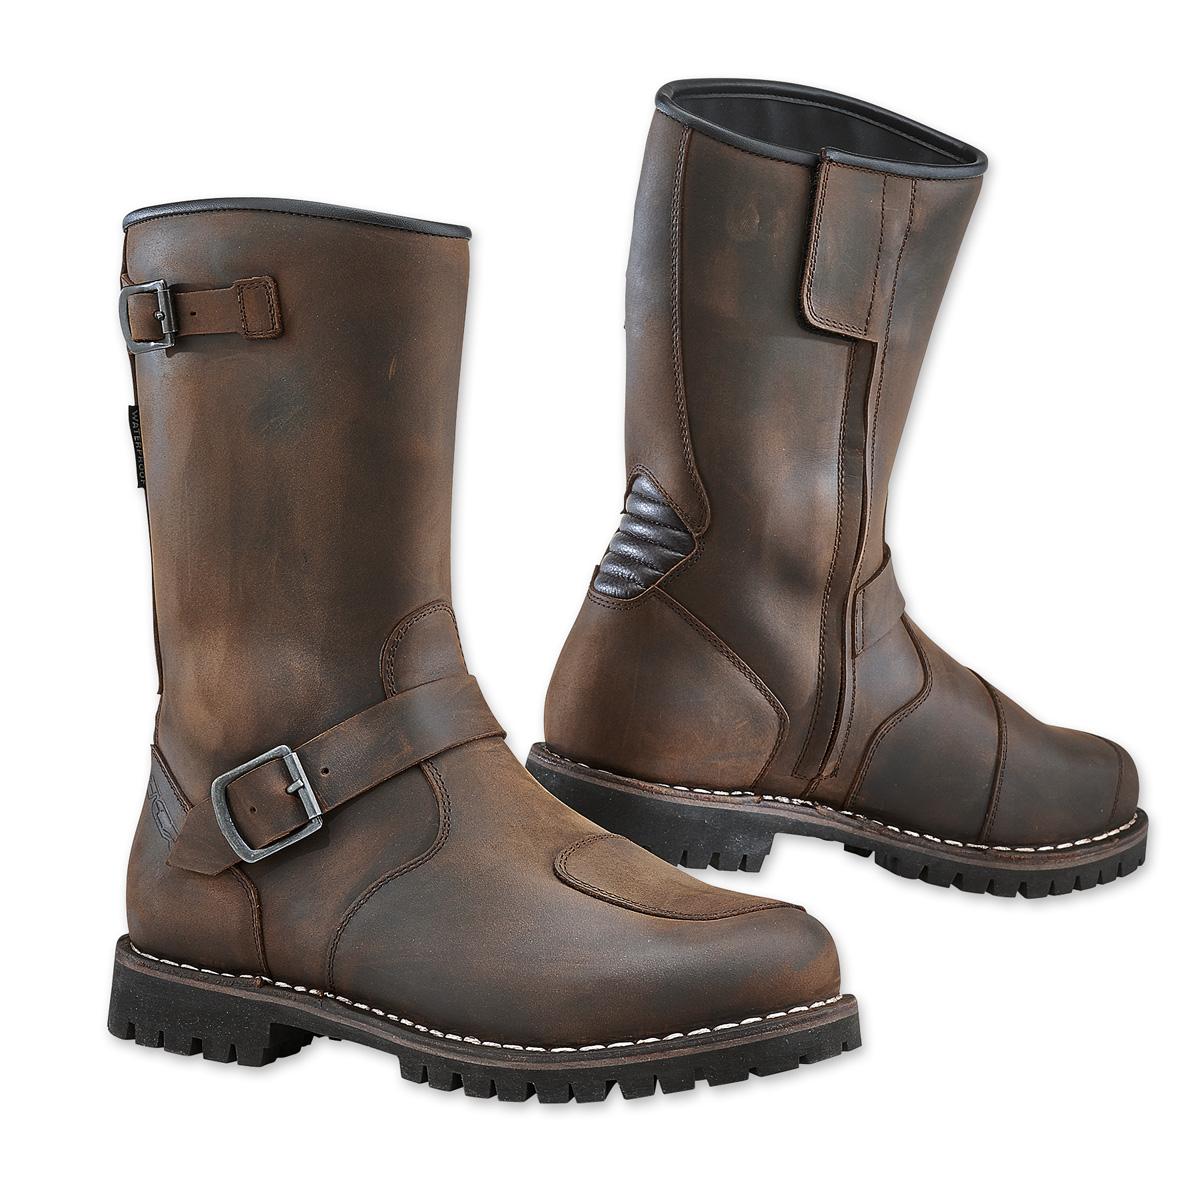 TCX Men's Fuel Waterproof Vintage Brown Boots